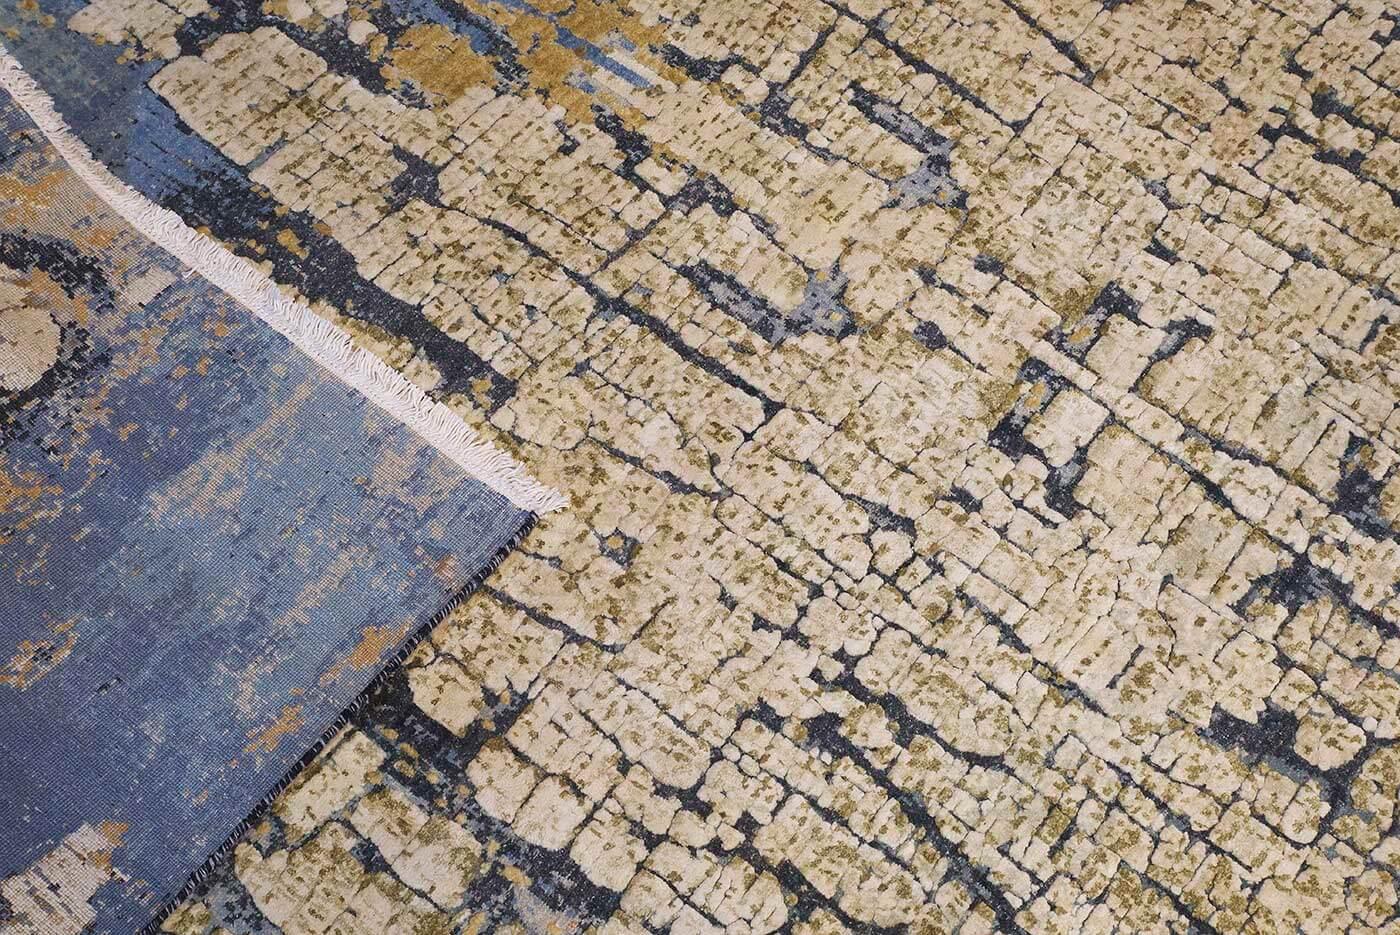 chelsea_design_oxidised_tapijt_moderne_tapijten_koreman_maastricht_305x244_blauw_creme_beige_hoek